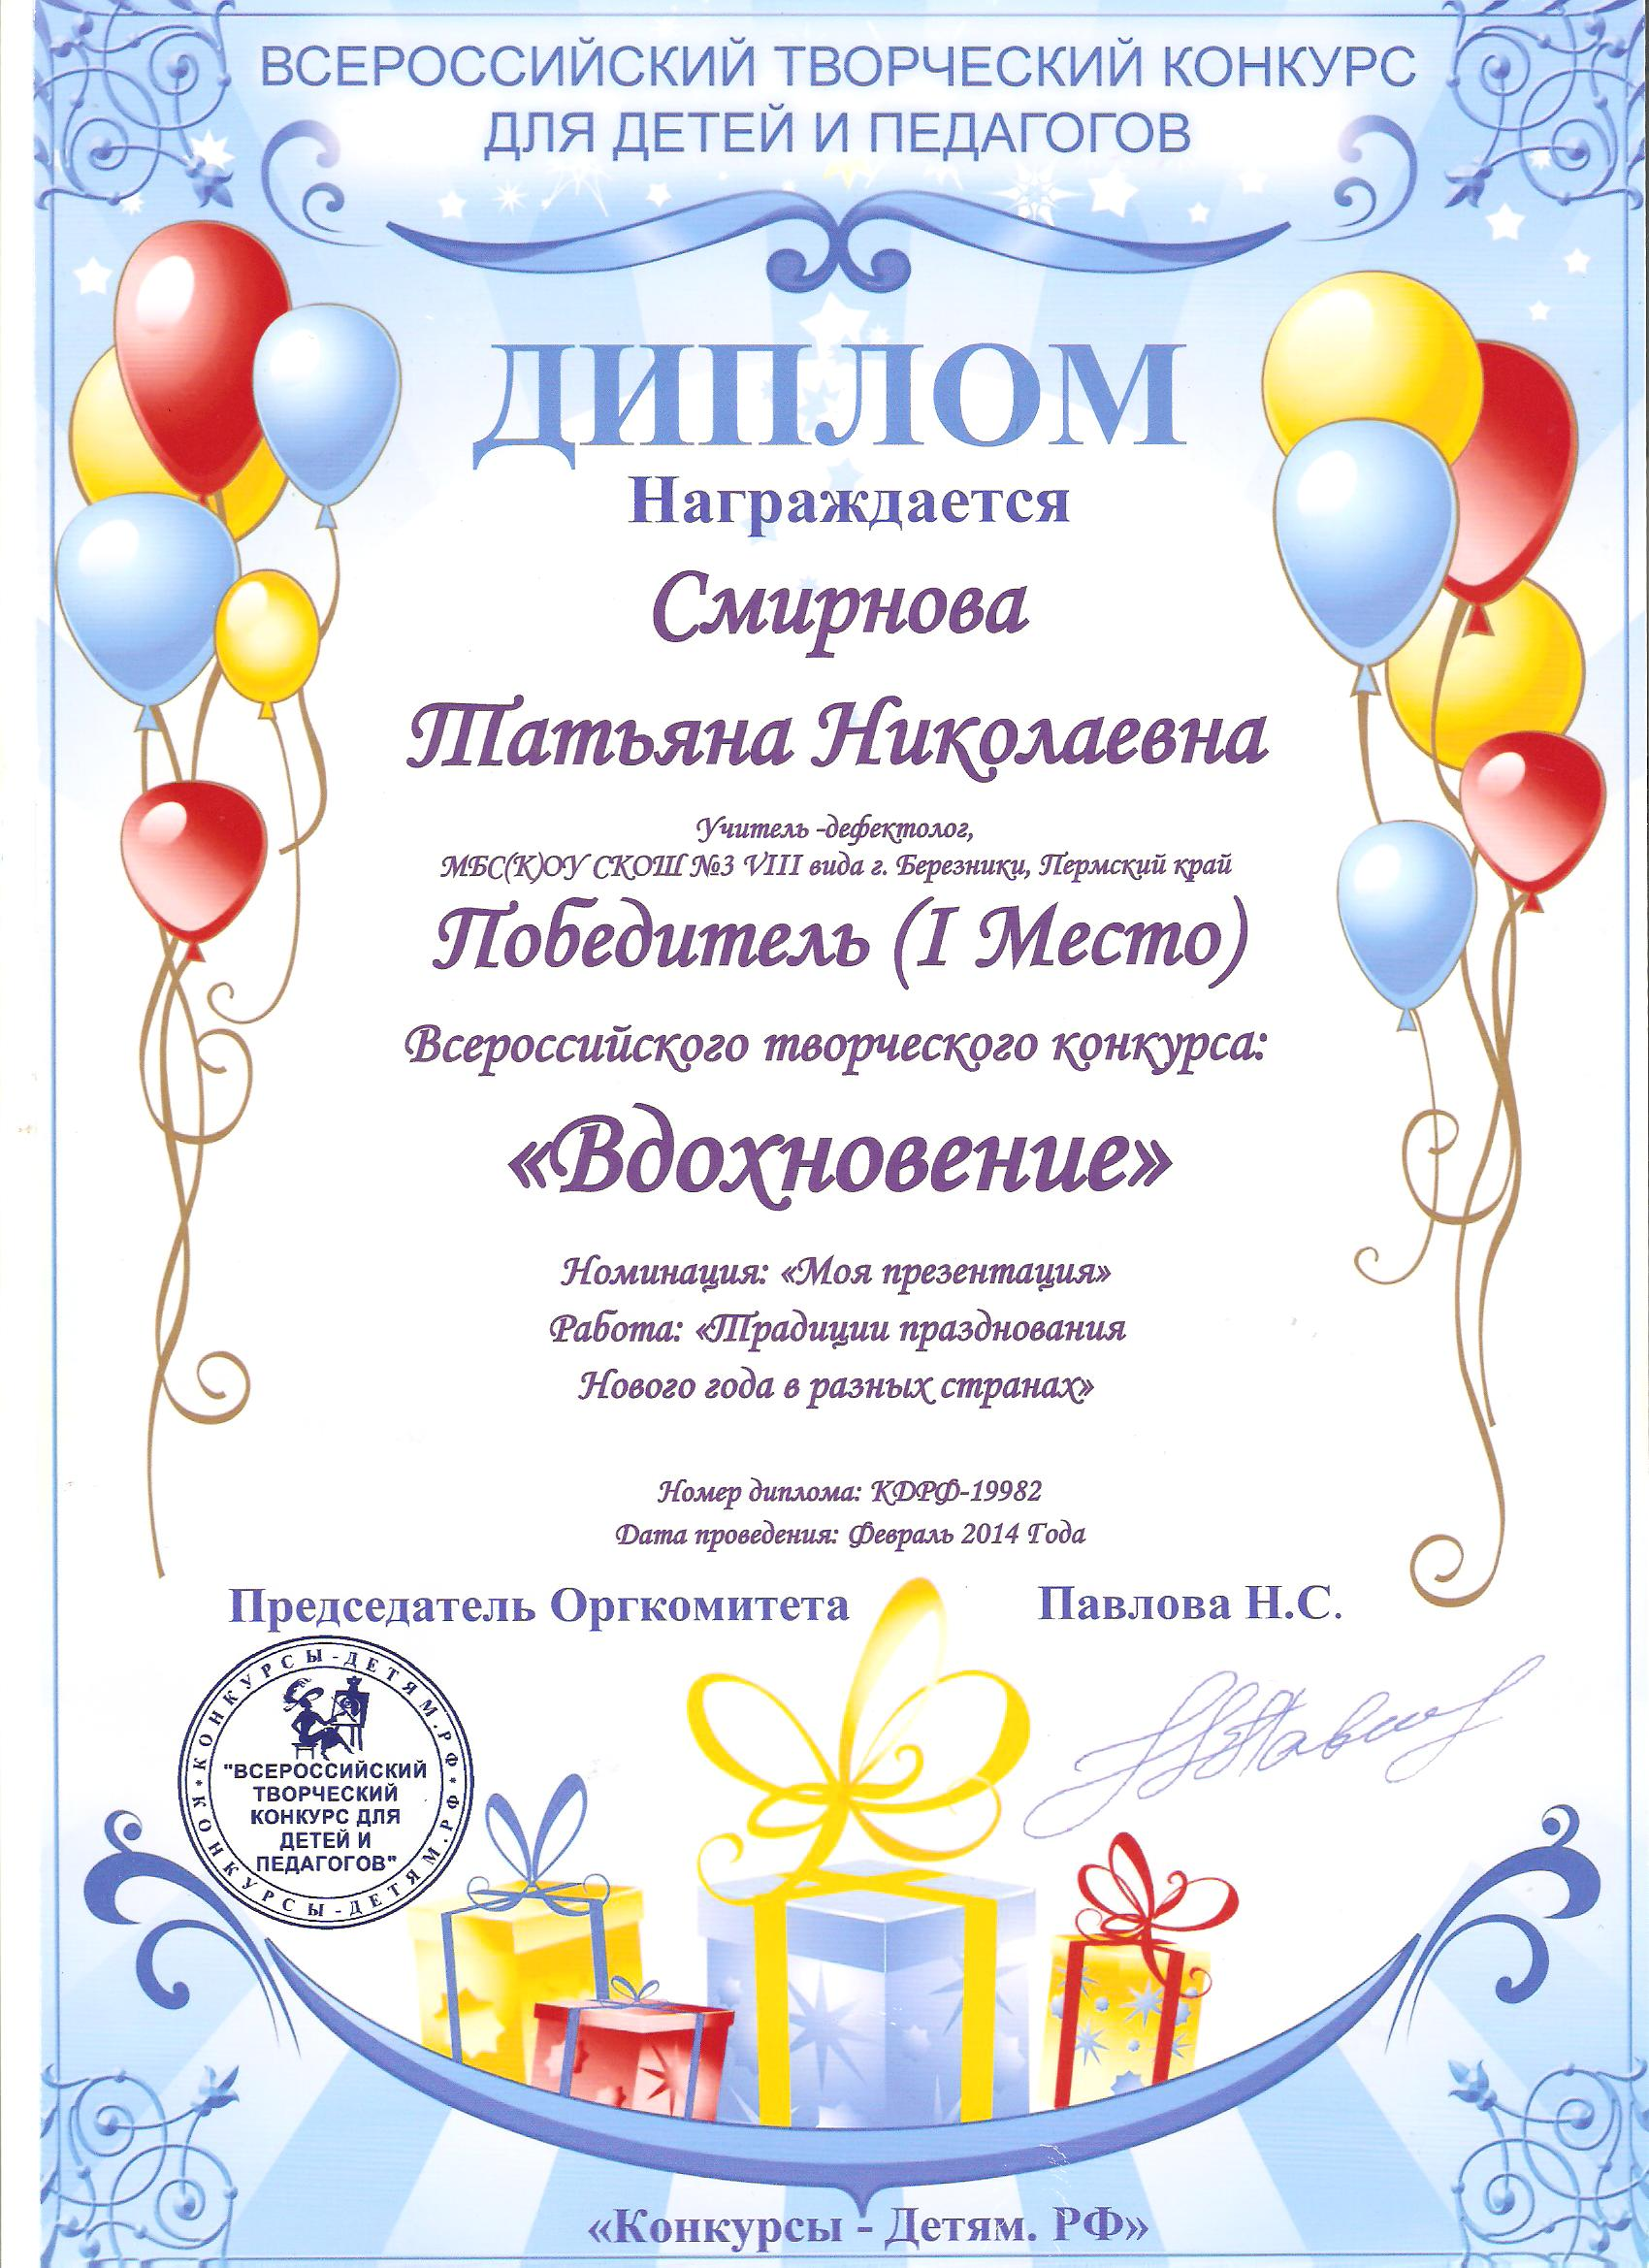 Всероссийский творческий конкурс озарение